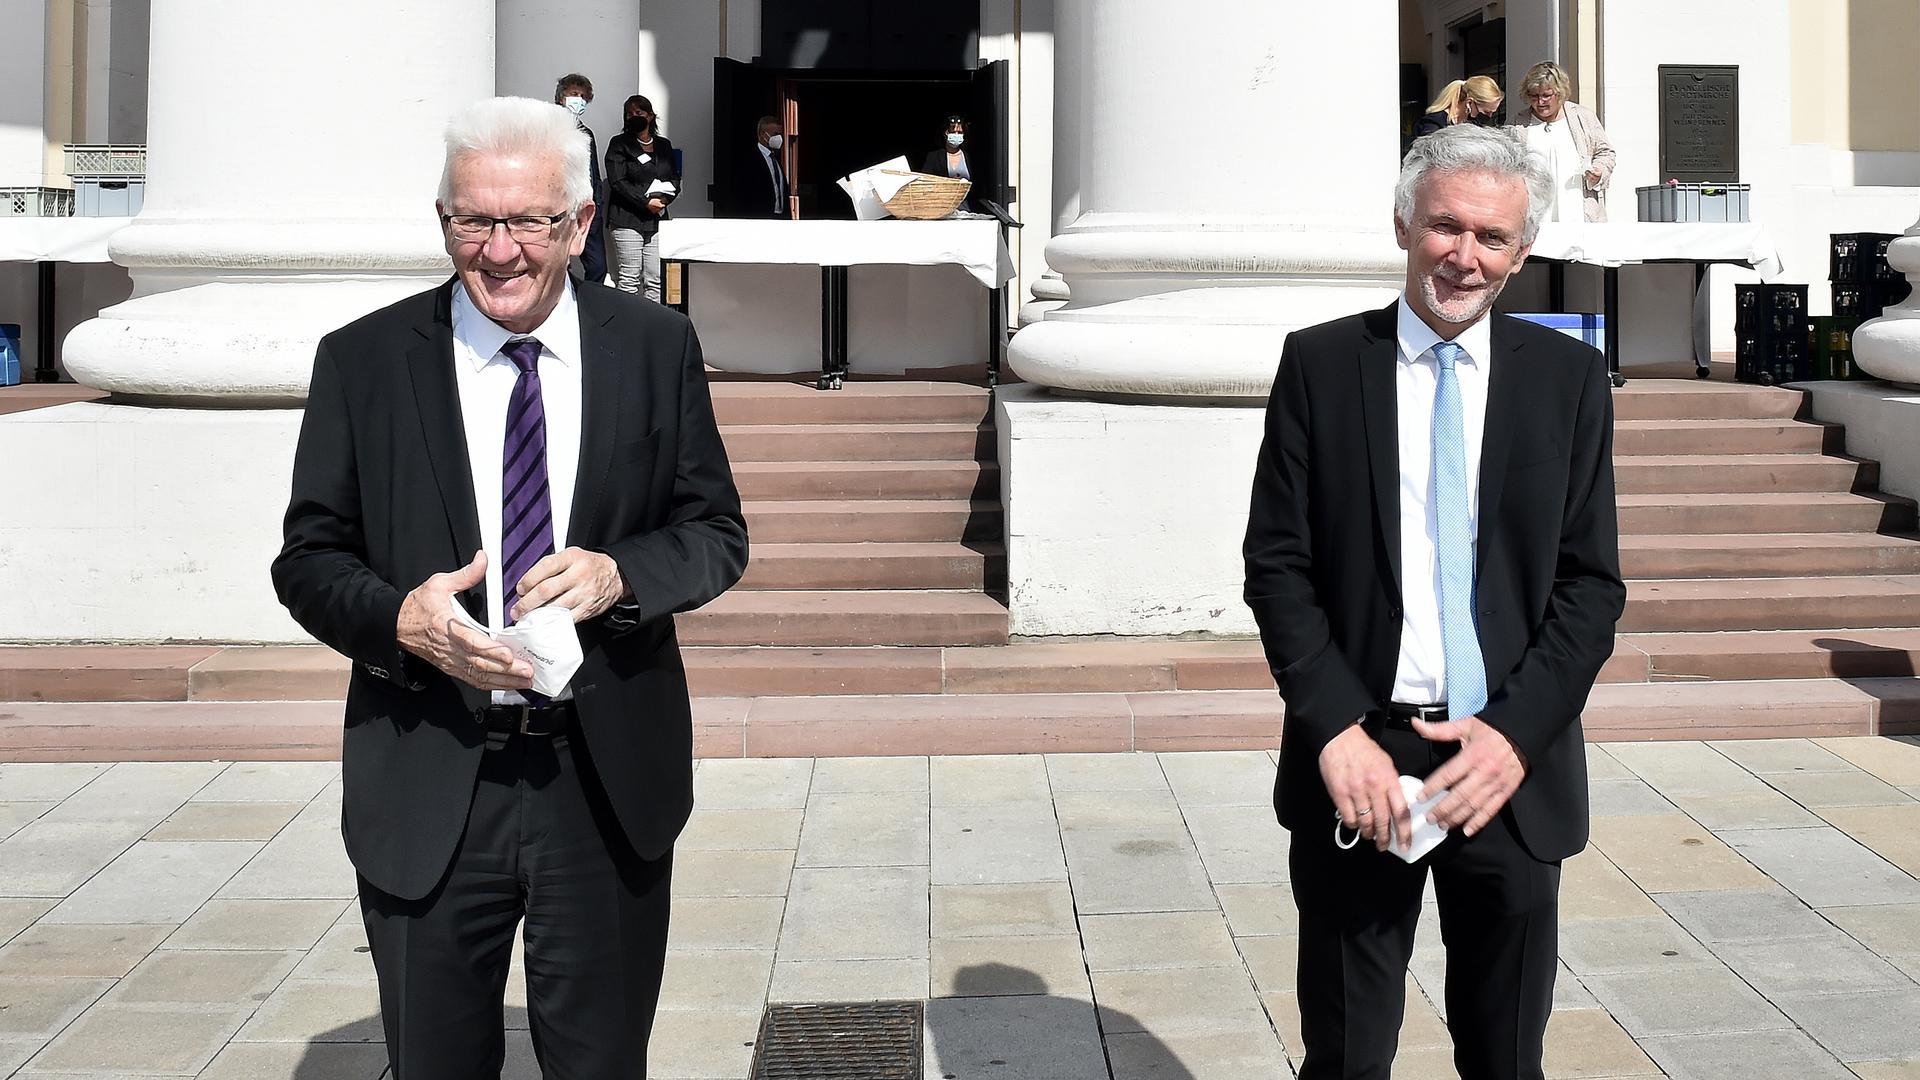 Zwei Männer stehen nebeneinander